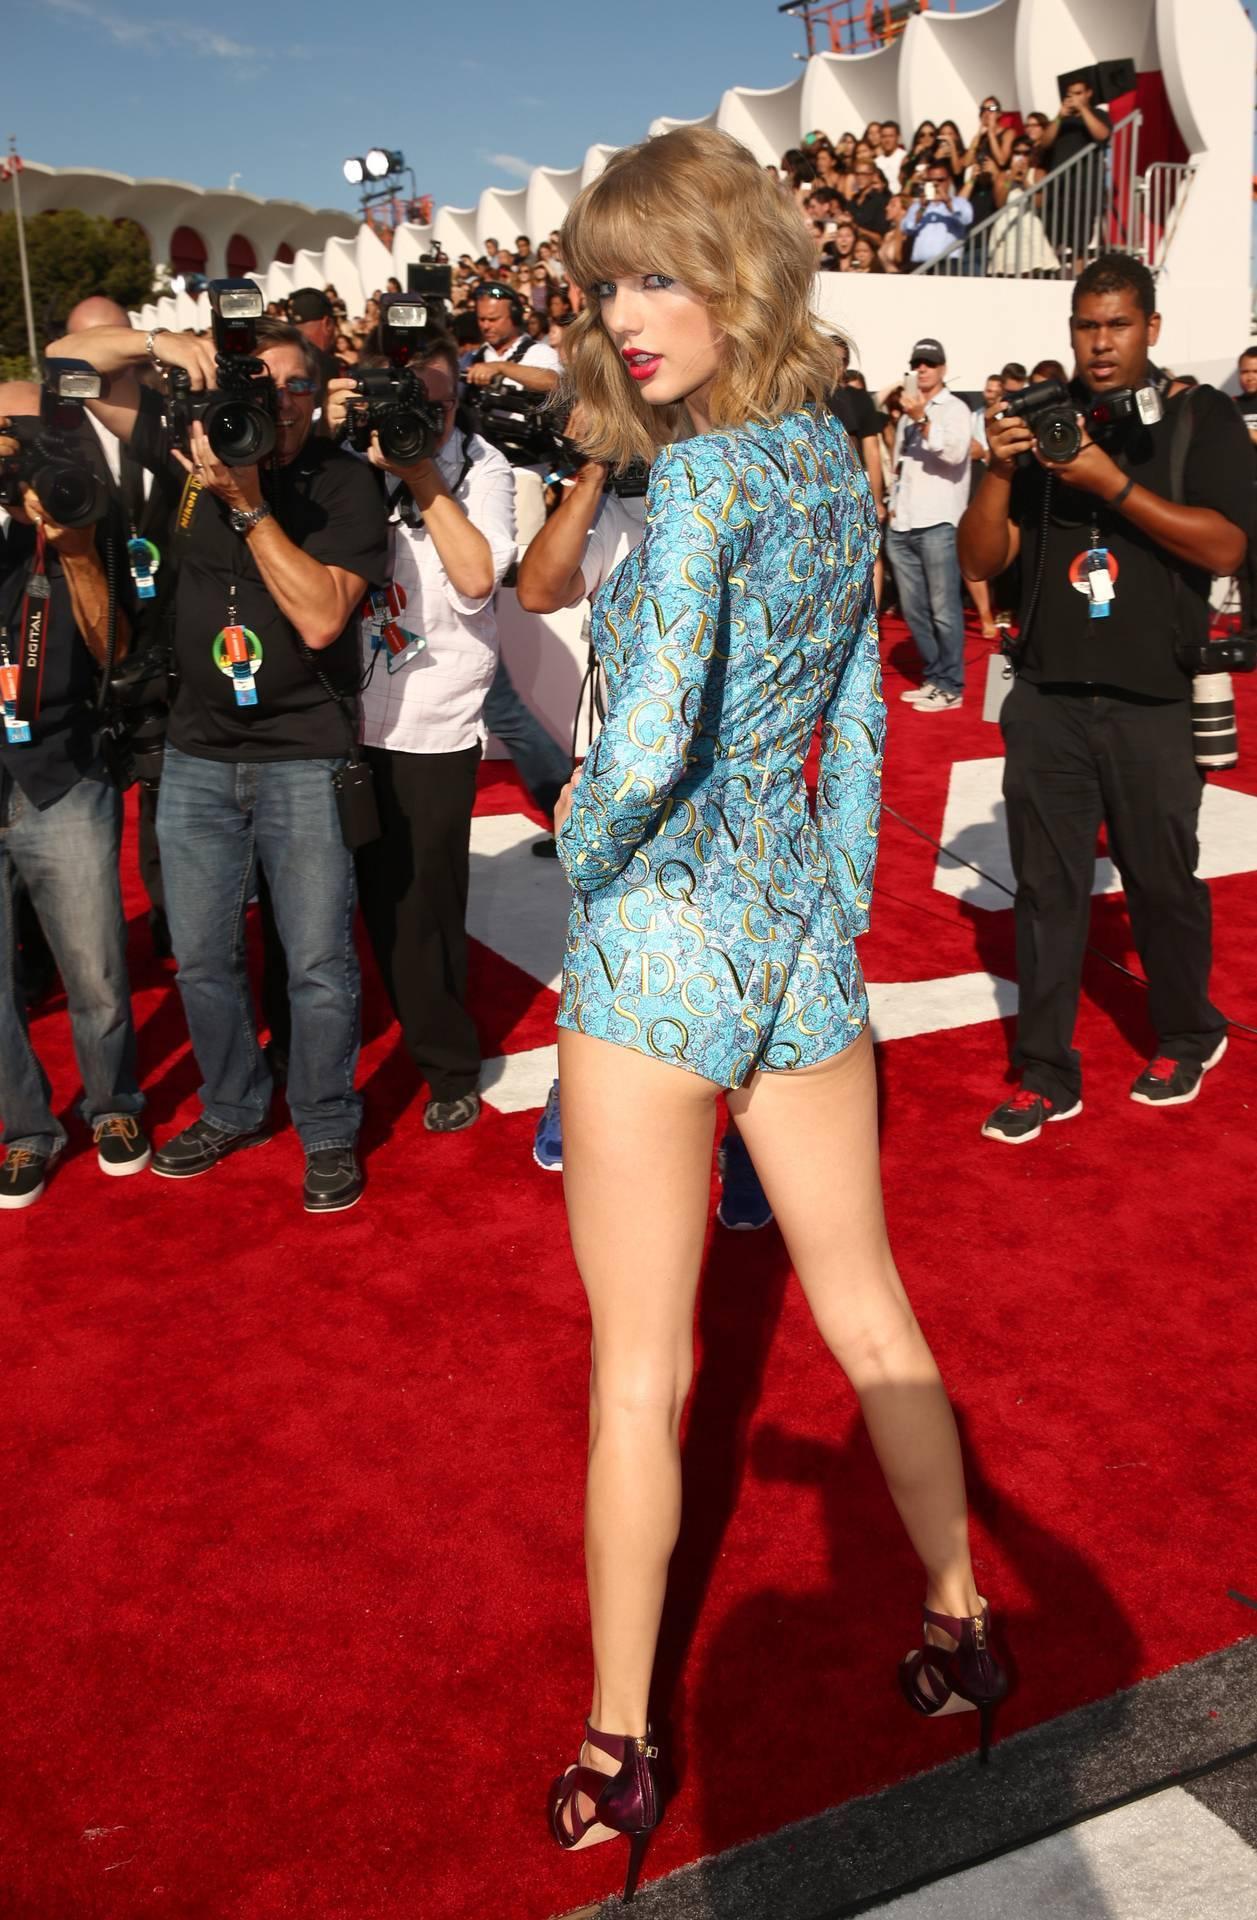 Taylor Swift Ass Barnorama